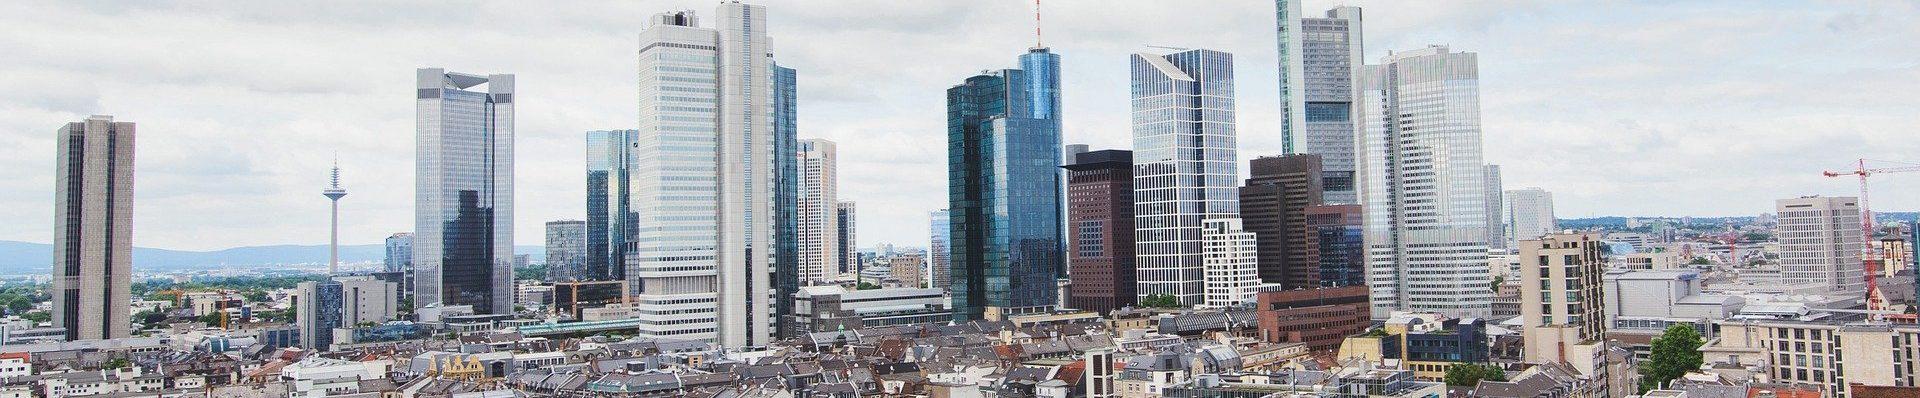 WBS Frankfurt Main